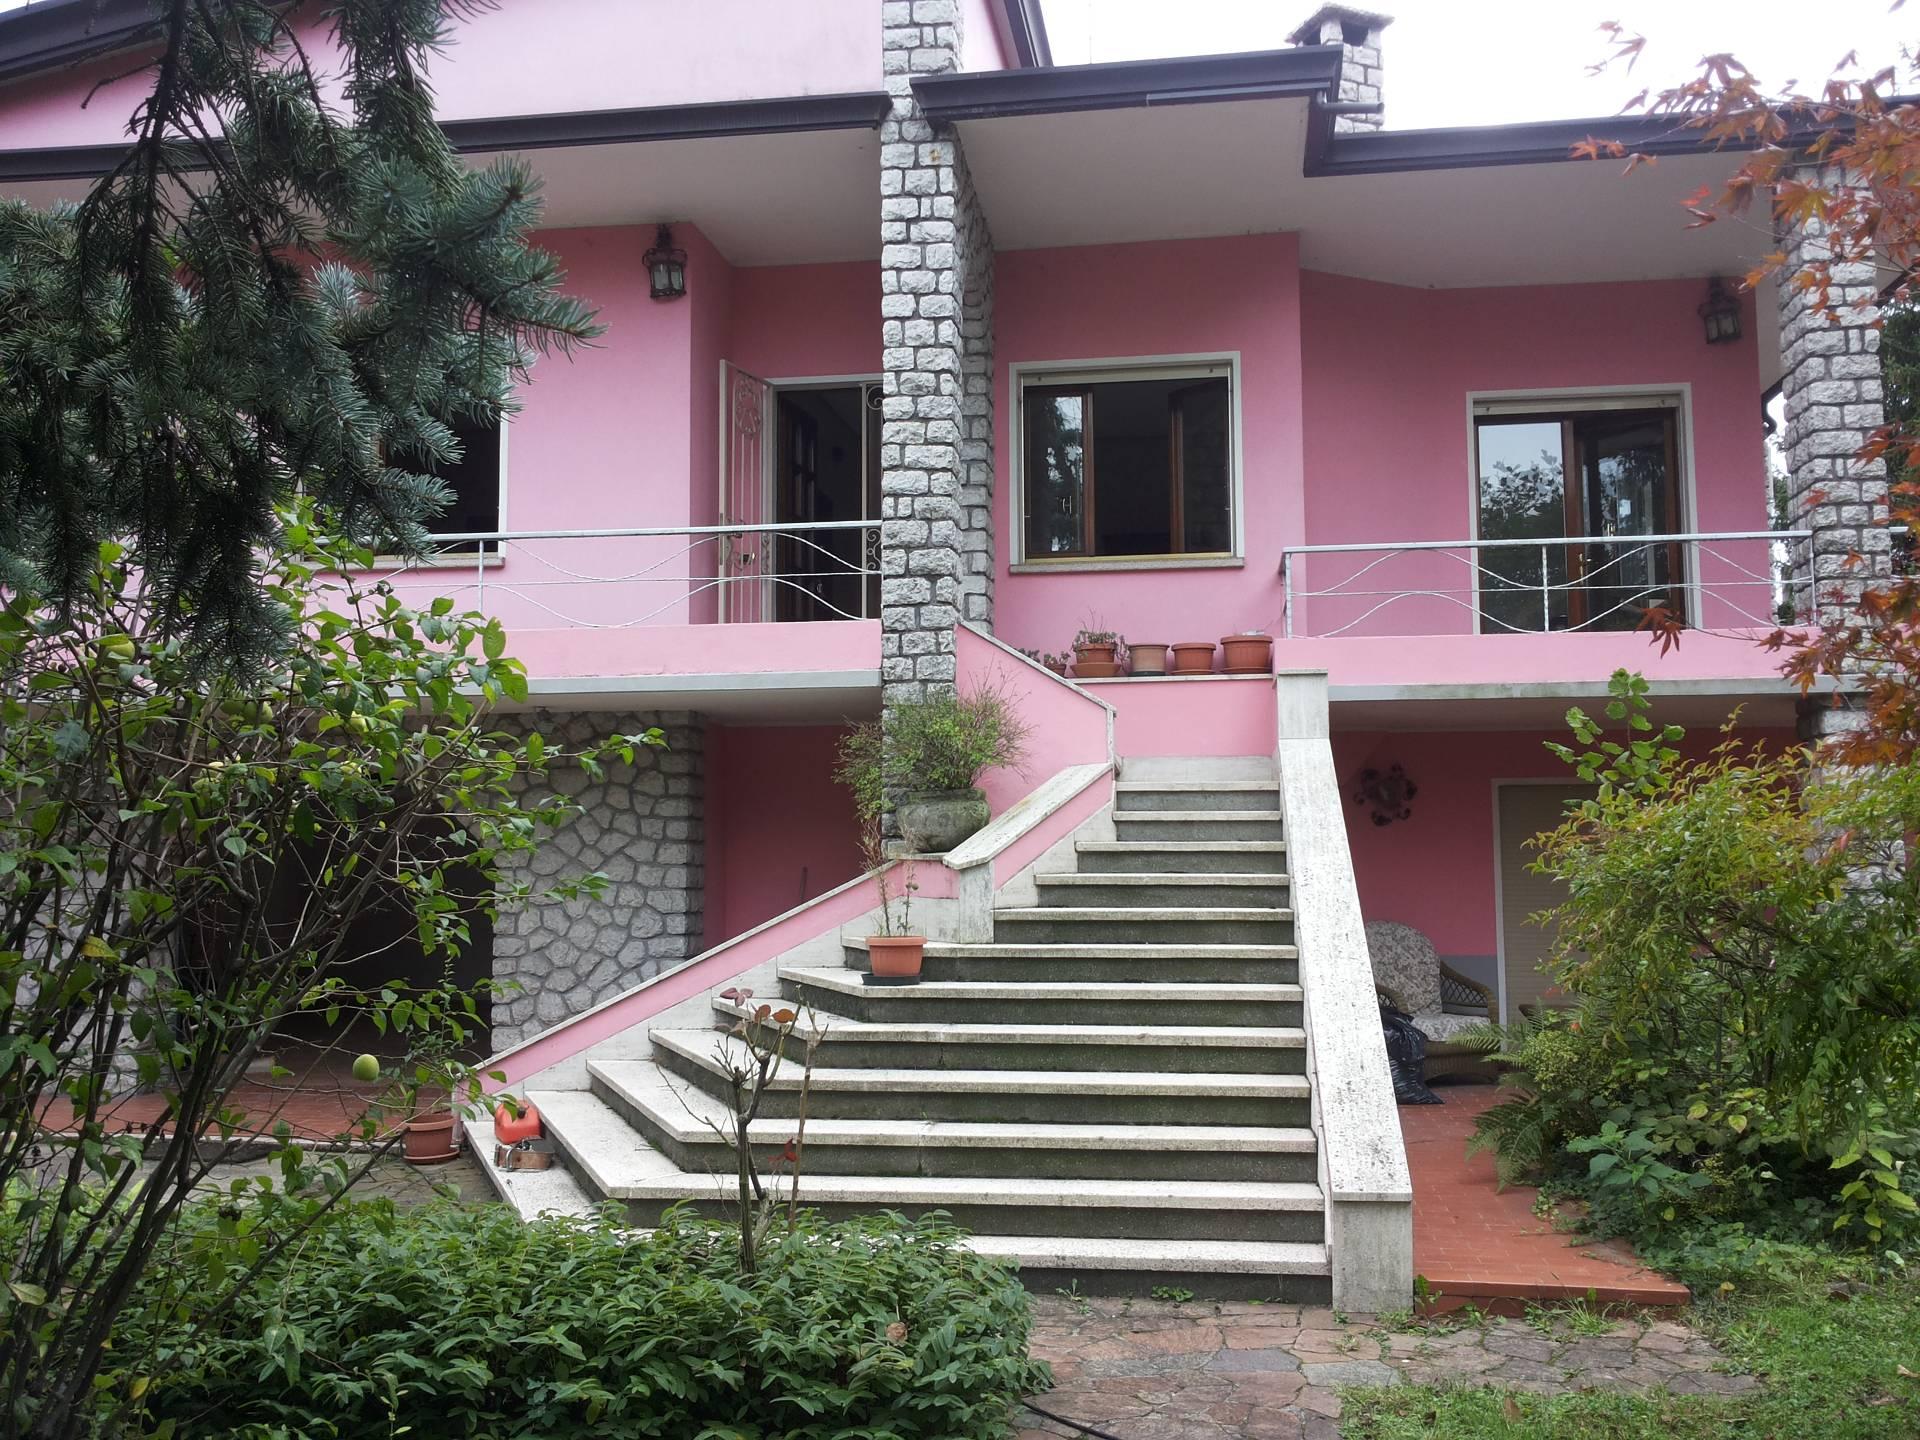 Villa in vendita a Preganziol, 8 locali, zona Zona: Frescada, prezzo € 300.000 | CambioCasa.it